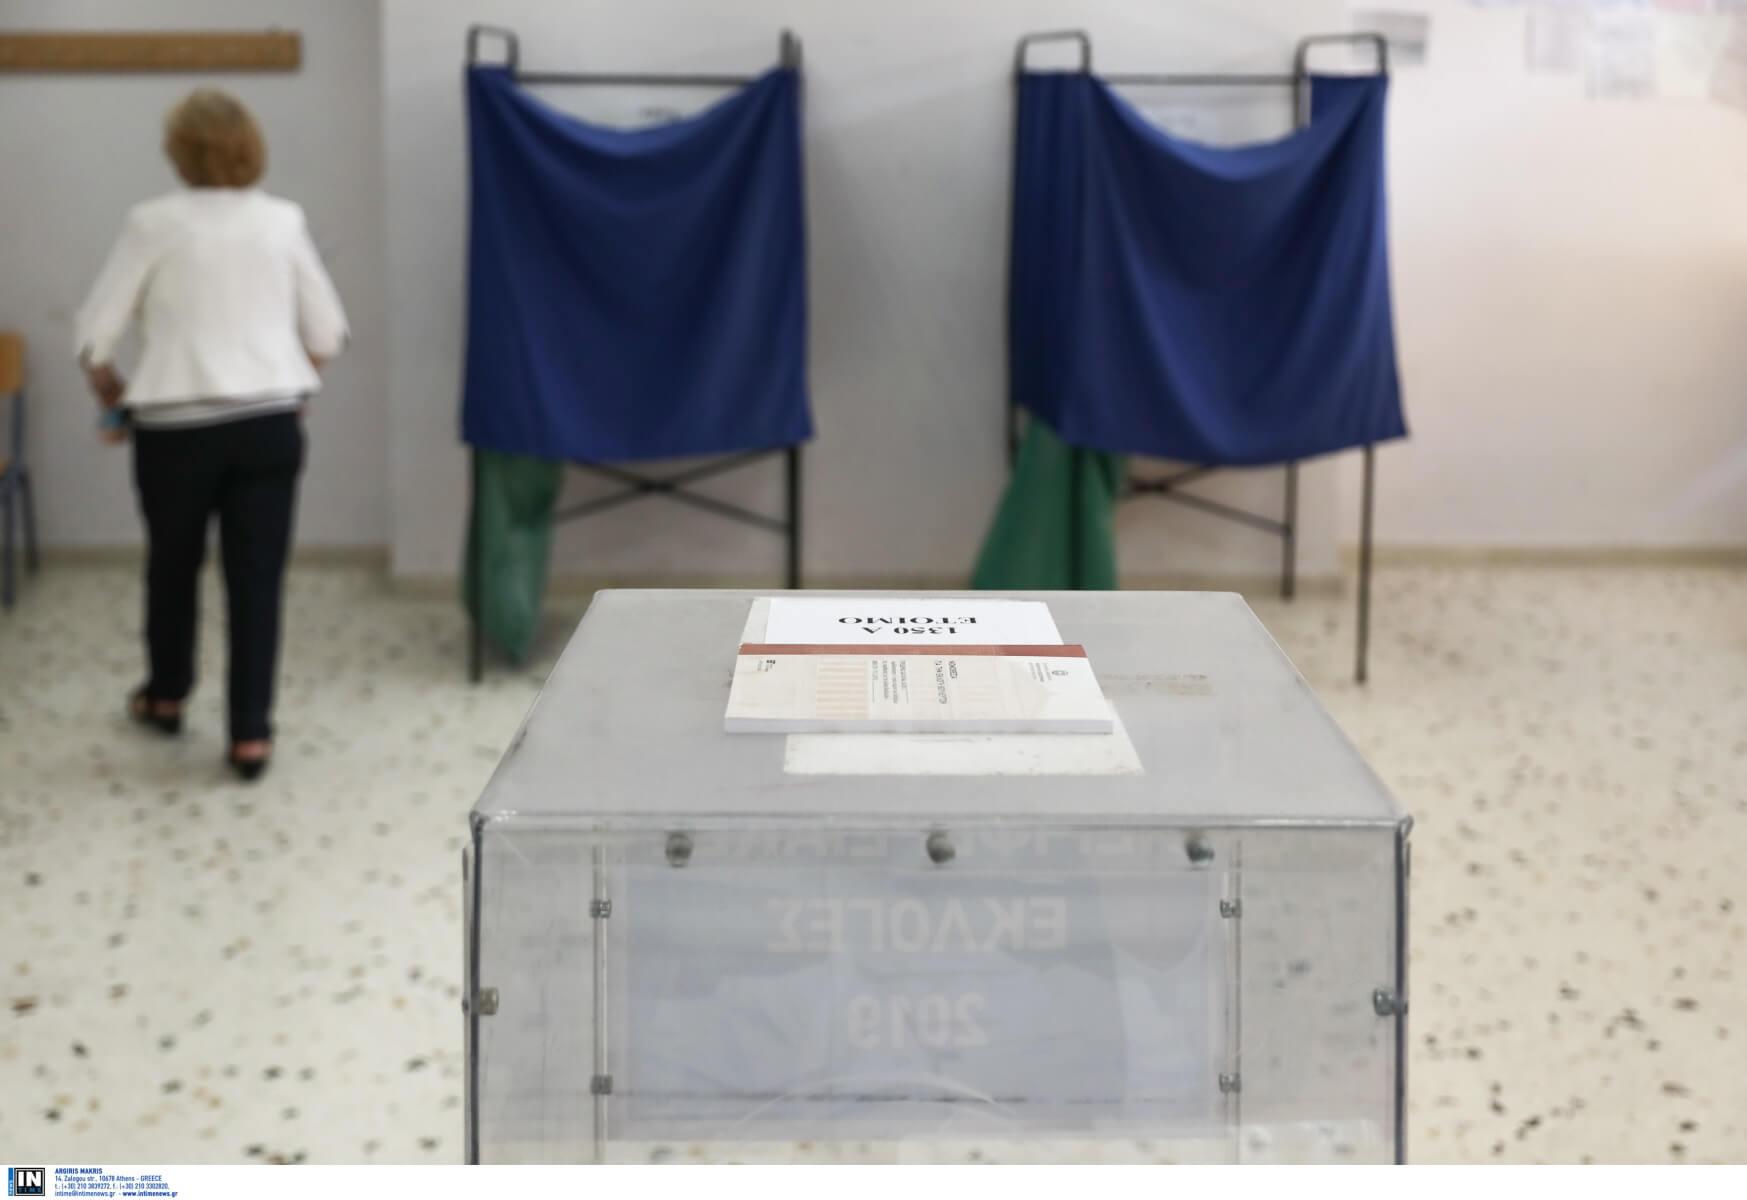 Βουλευτικές Εκλογές 2019: Πόσους σταυρούς βάζουμε και όσα πρέπει να γνωρίζετε